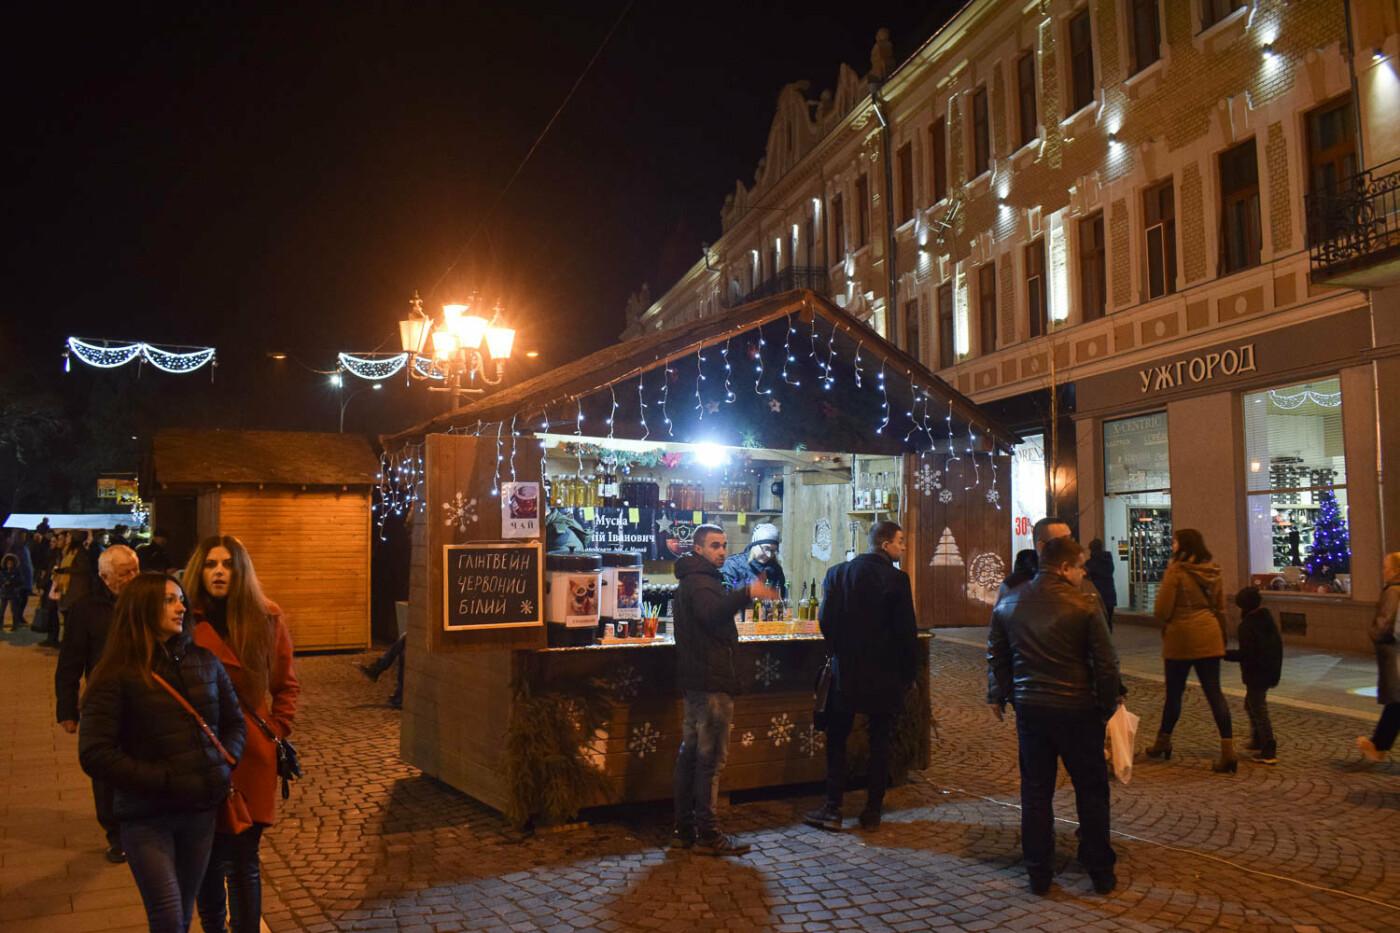 Яскраві ілюмінації, фотозони та ярмарок: в Ужгороді панує святкова атмосфера (ФОТОРЕПОРТАЖ), фото-6